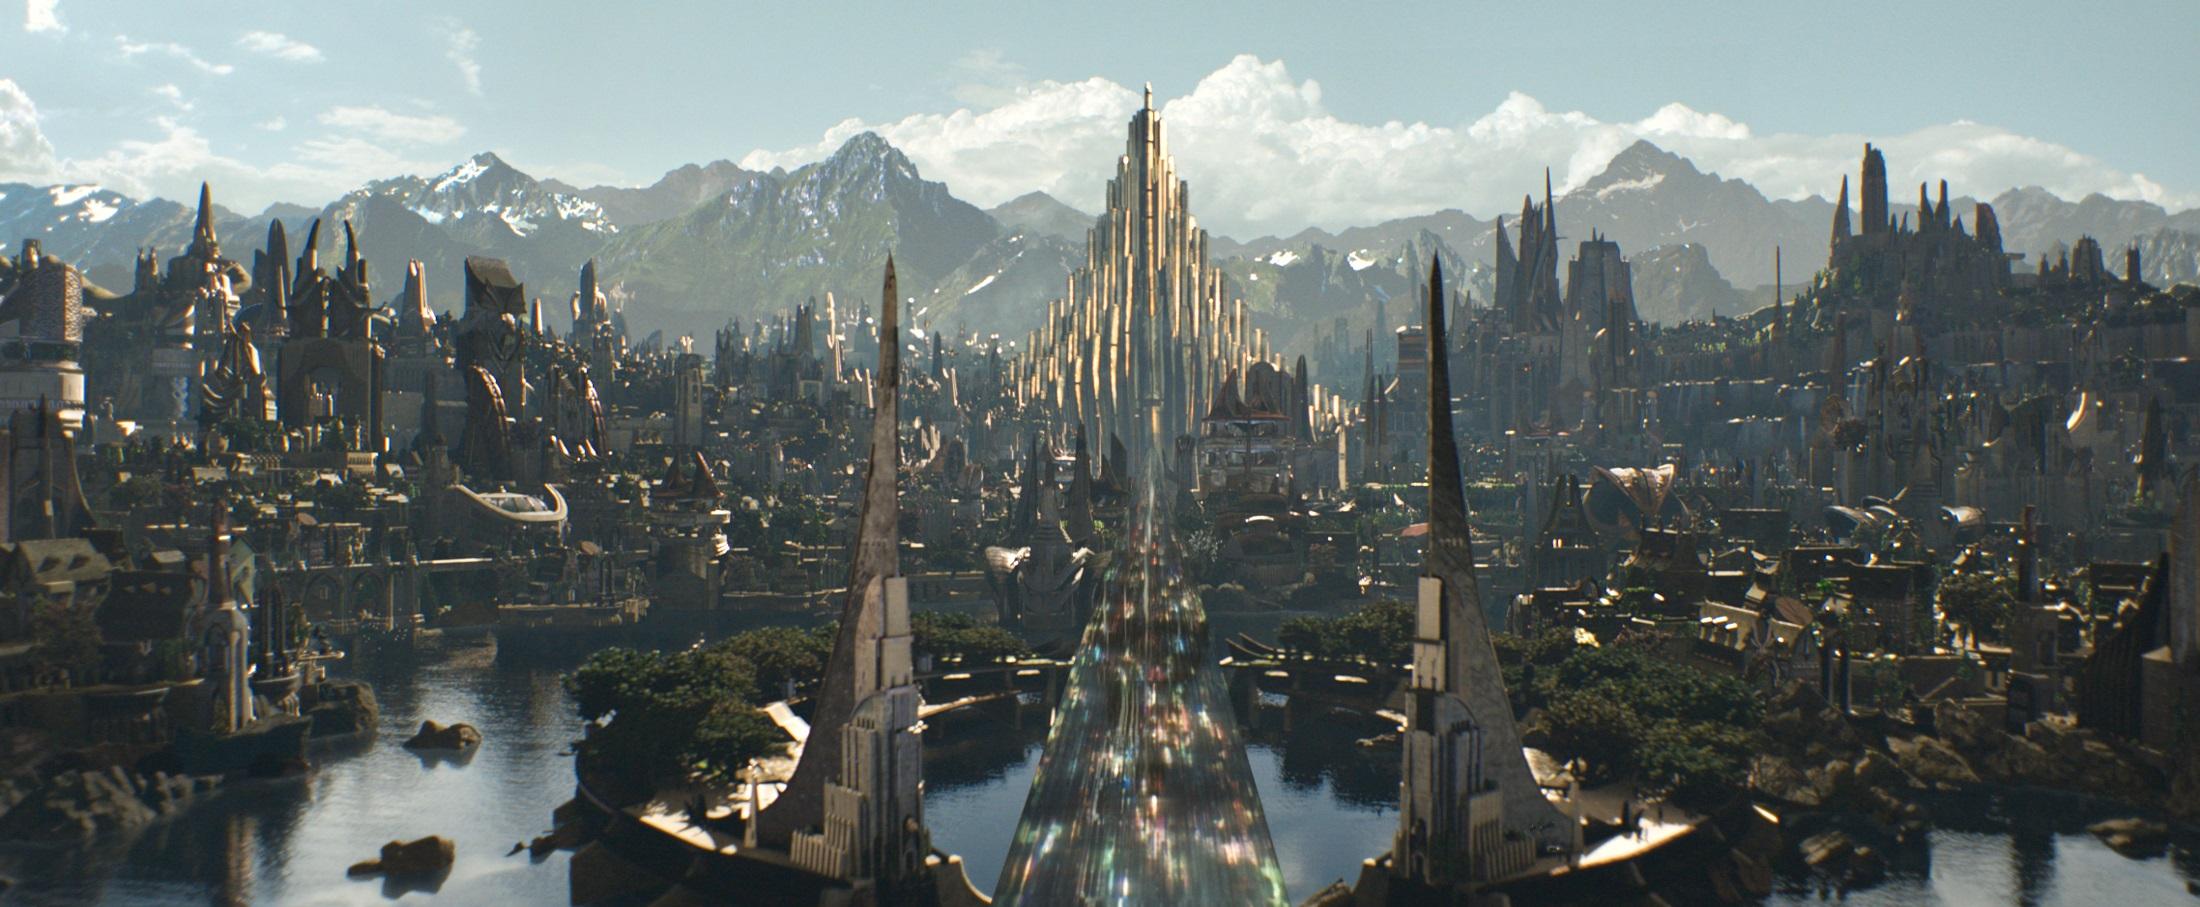 Asgard DarkW Movie Review: Thor The Dark World